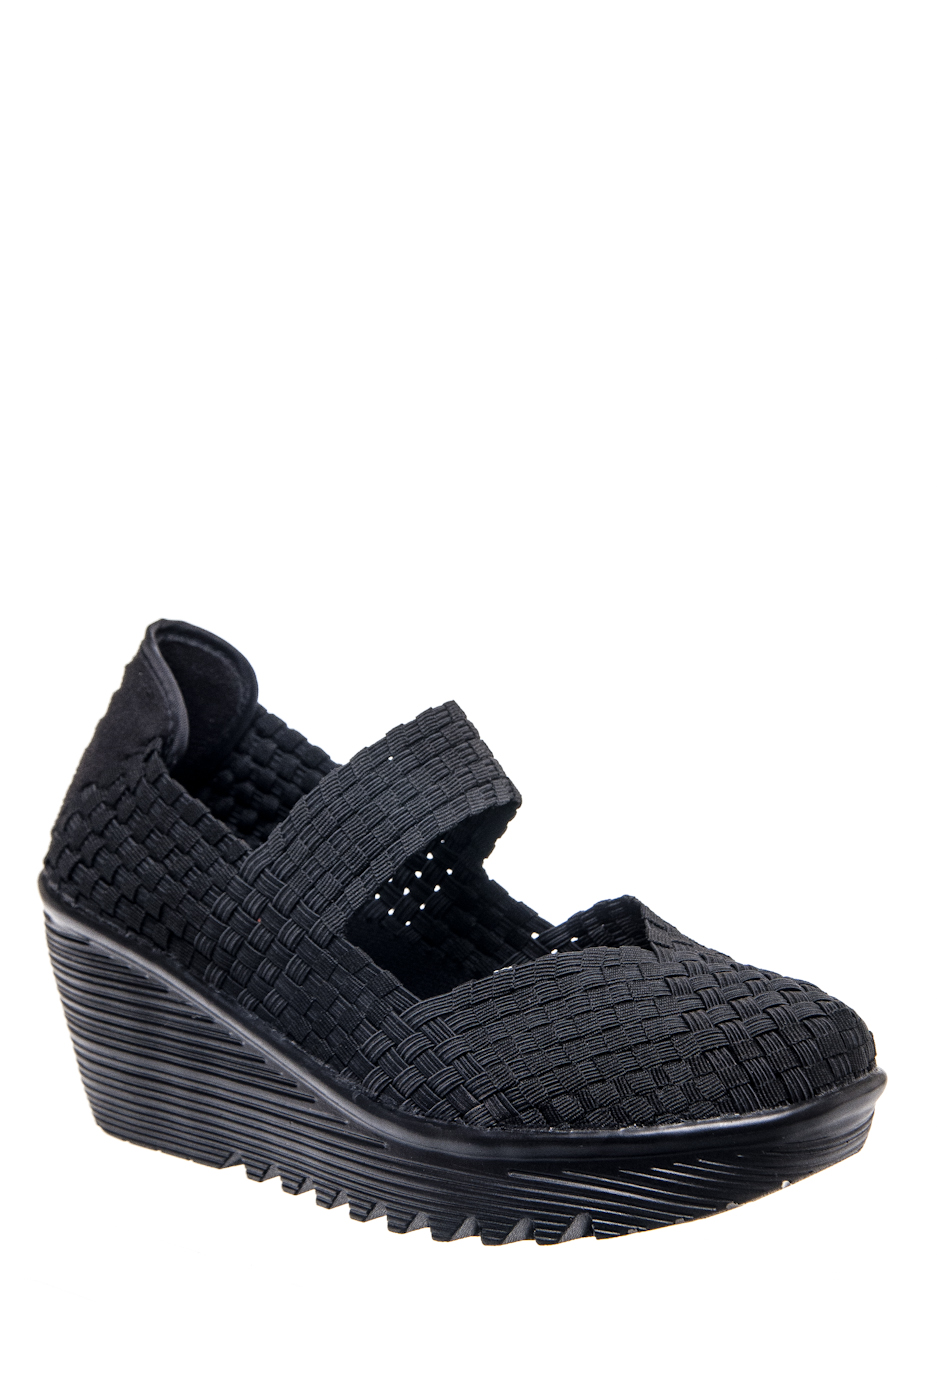 BERNIE MEV Lulia Mid Wedge Heels - Black